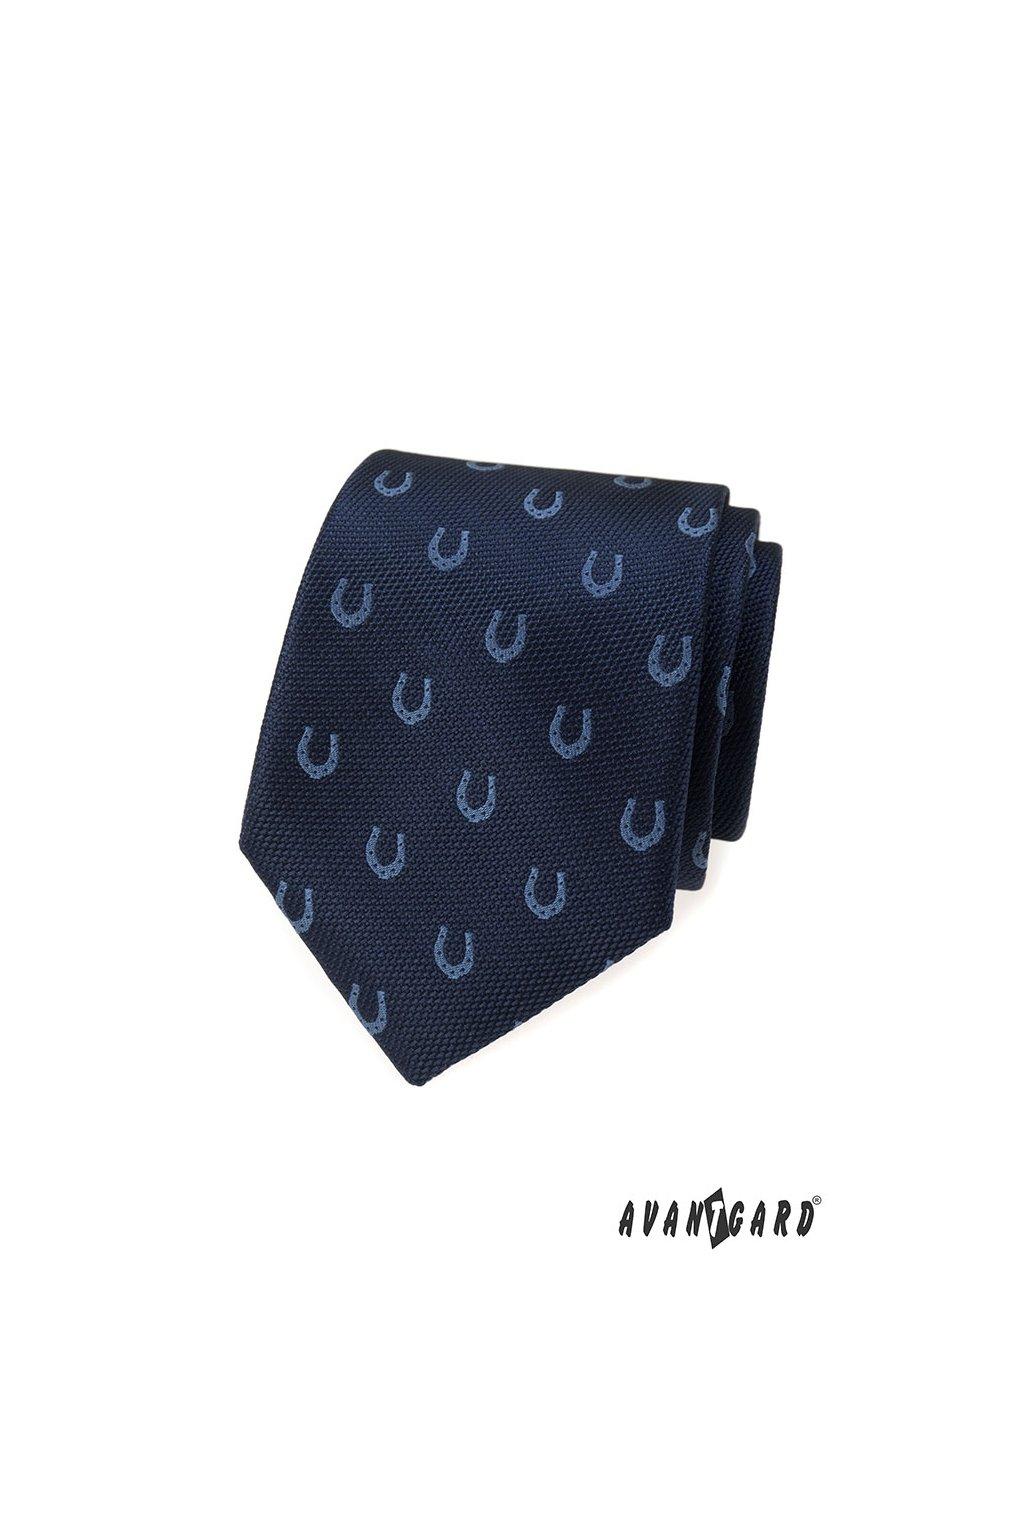 Modrá luxusní kravata s podkovou 561 - 81268